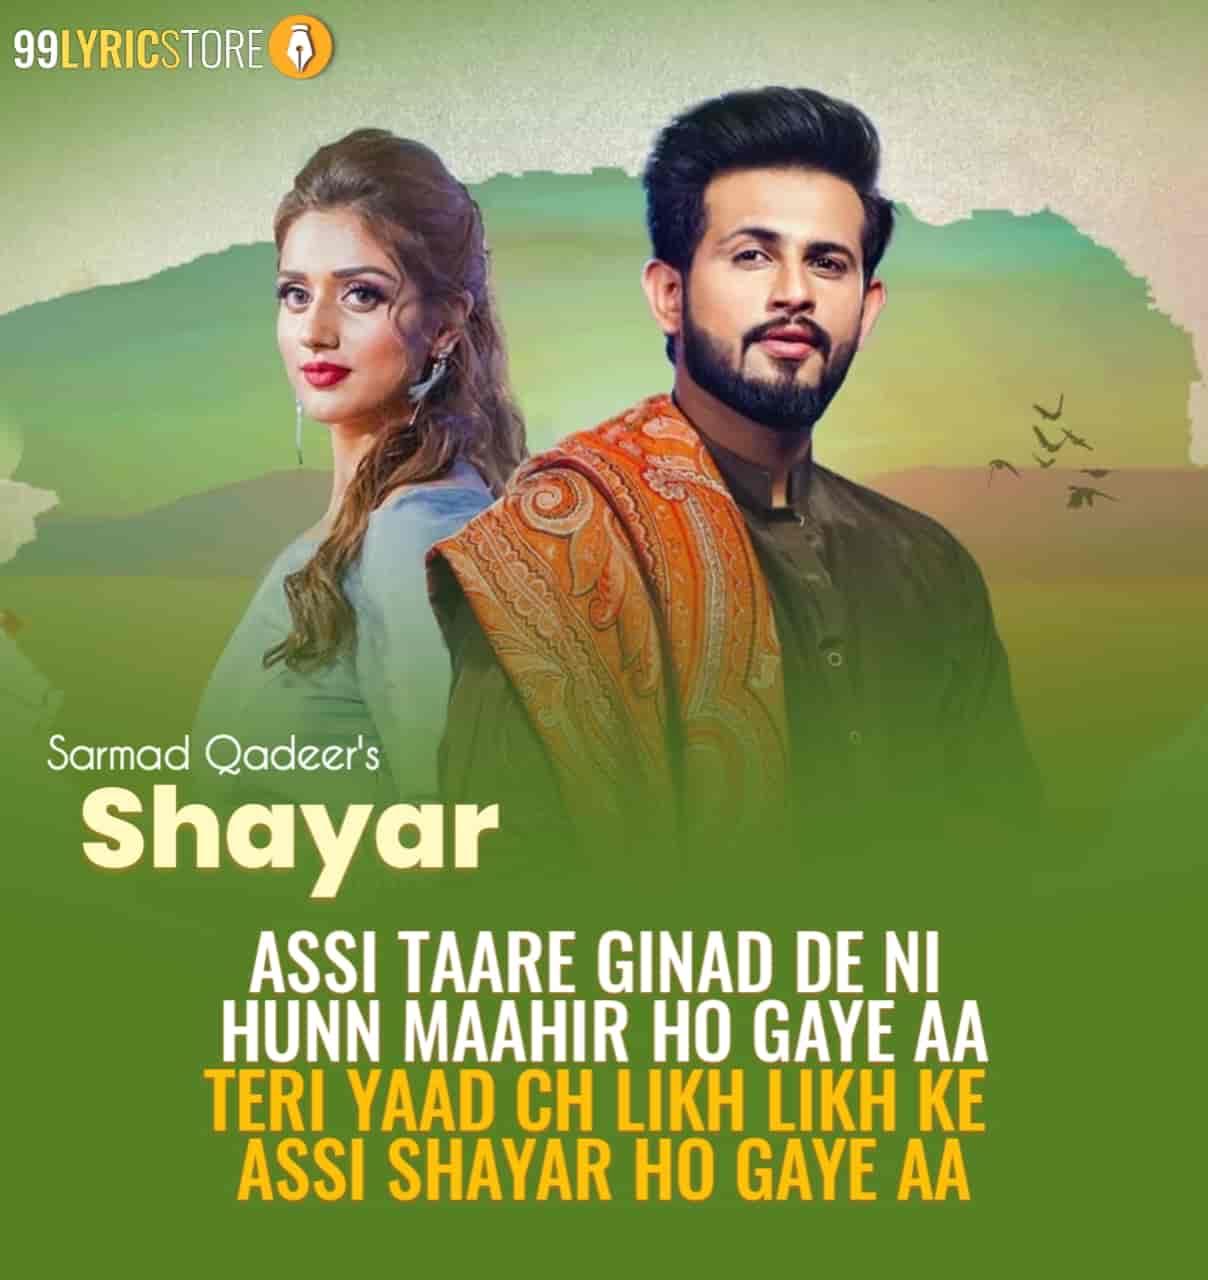 Shayar Punjabi Song Image By Sarmad Qadeer